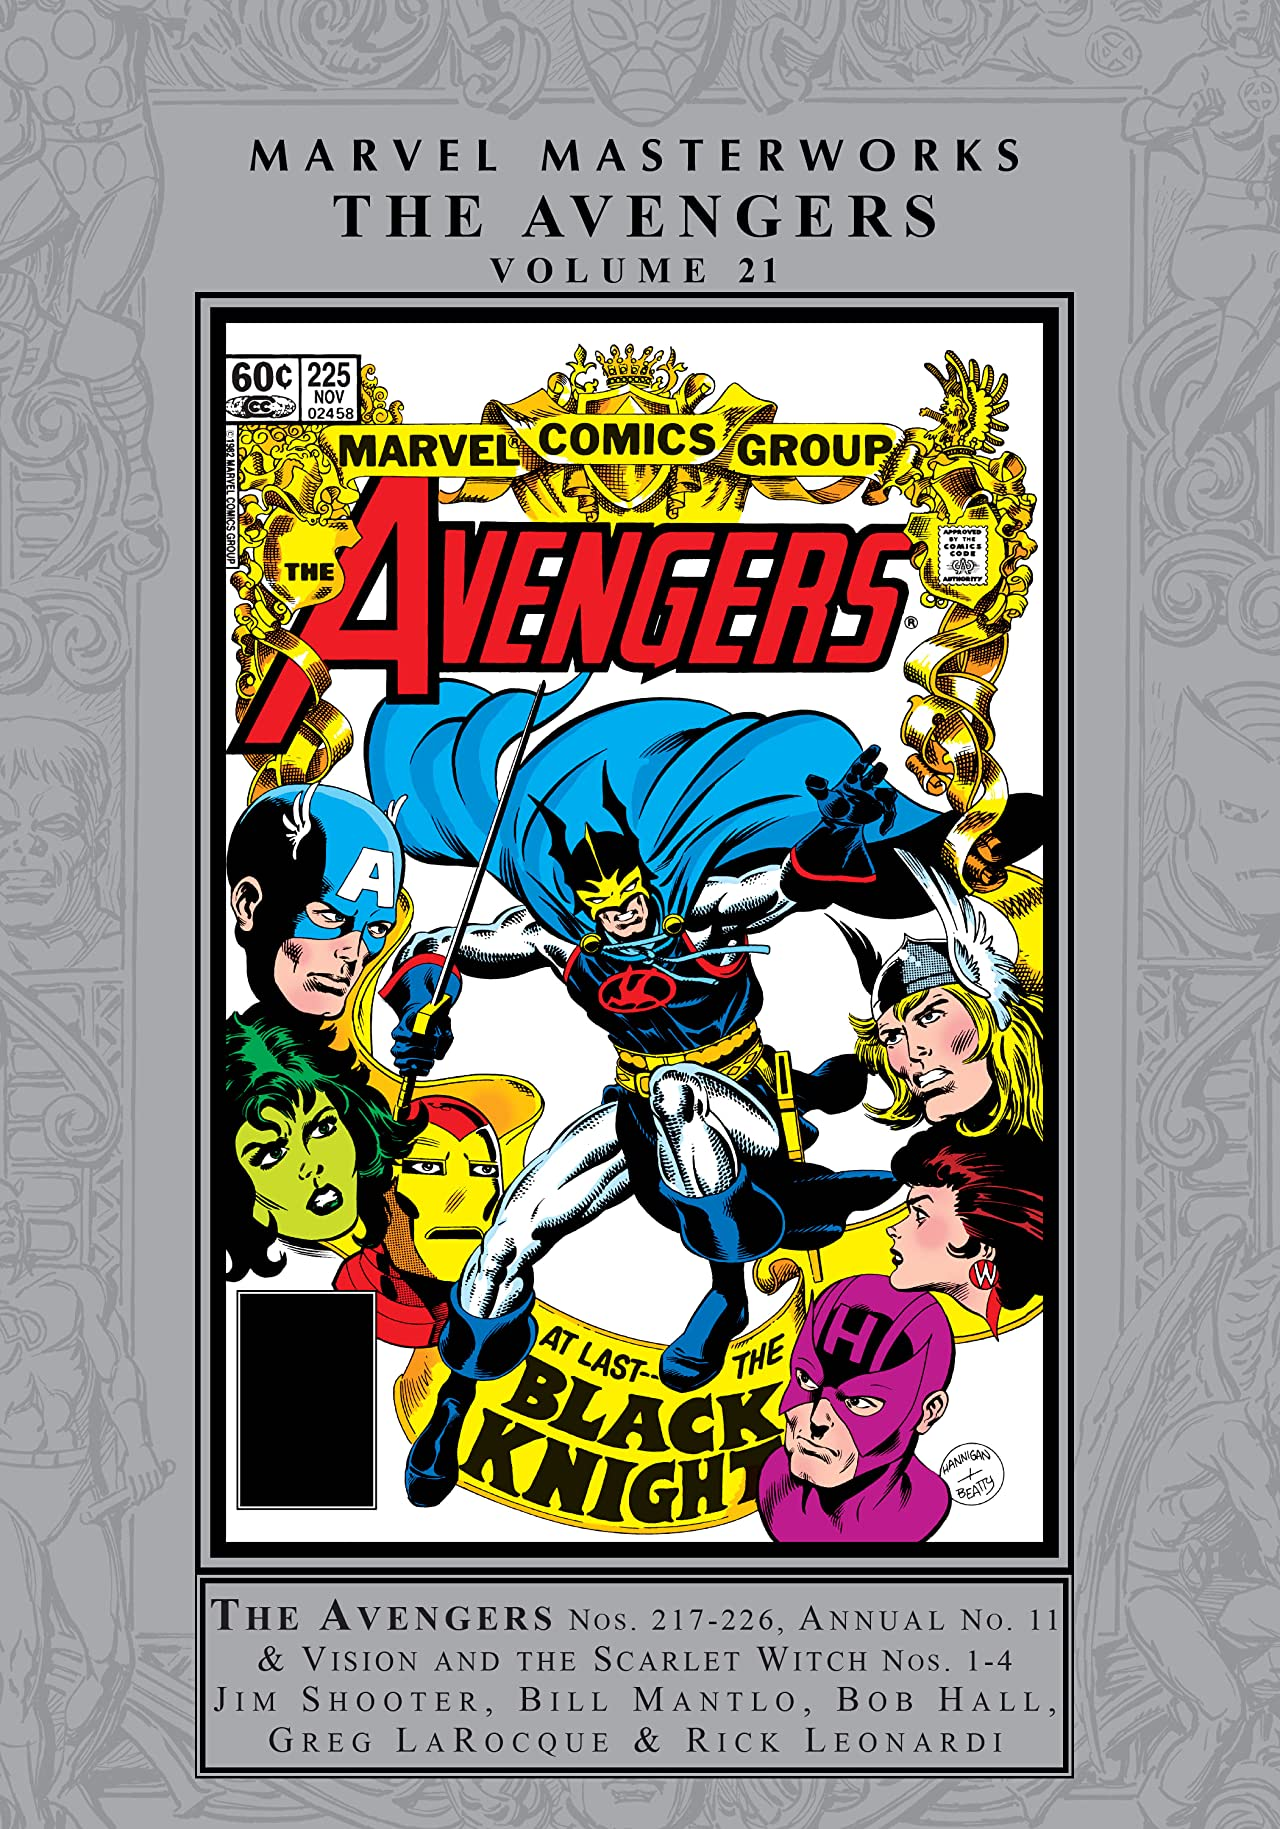 Avengers Masterworks Vol. 21